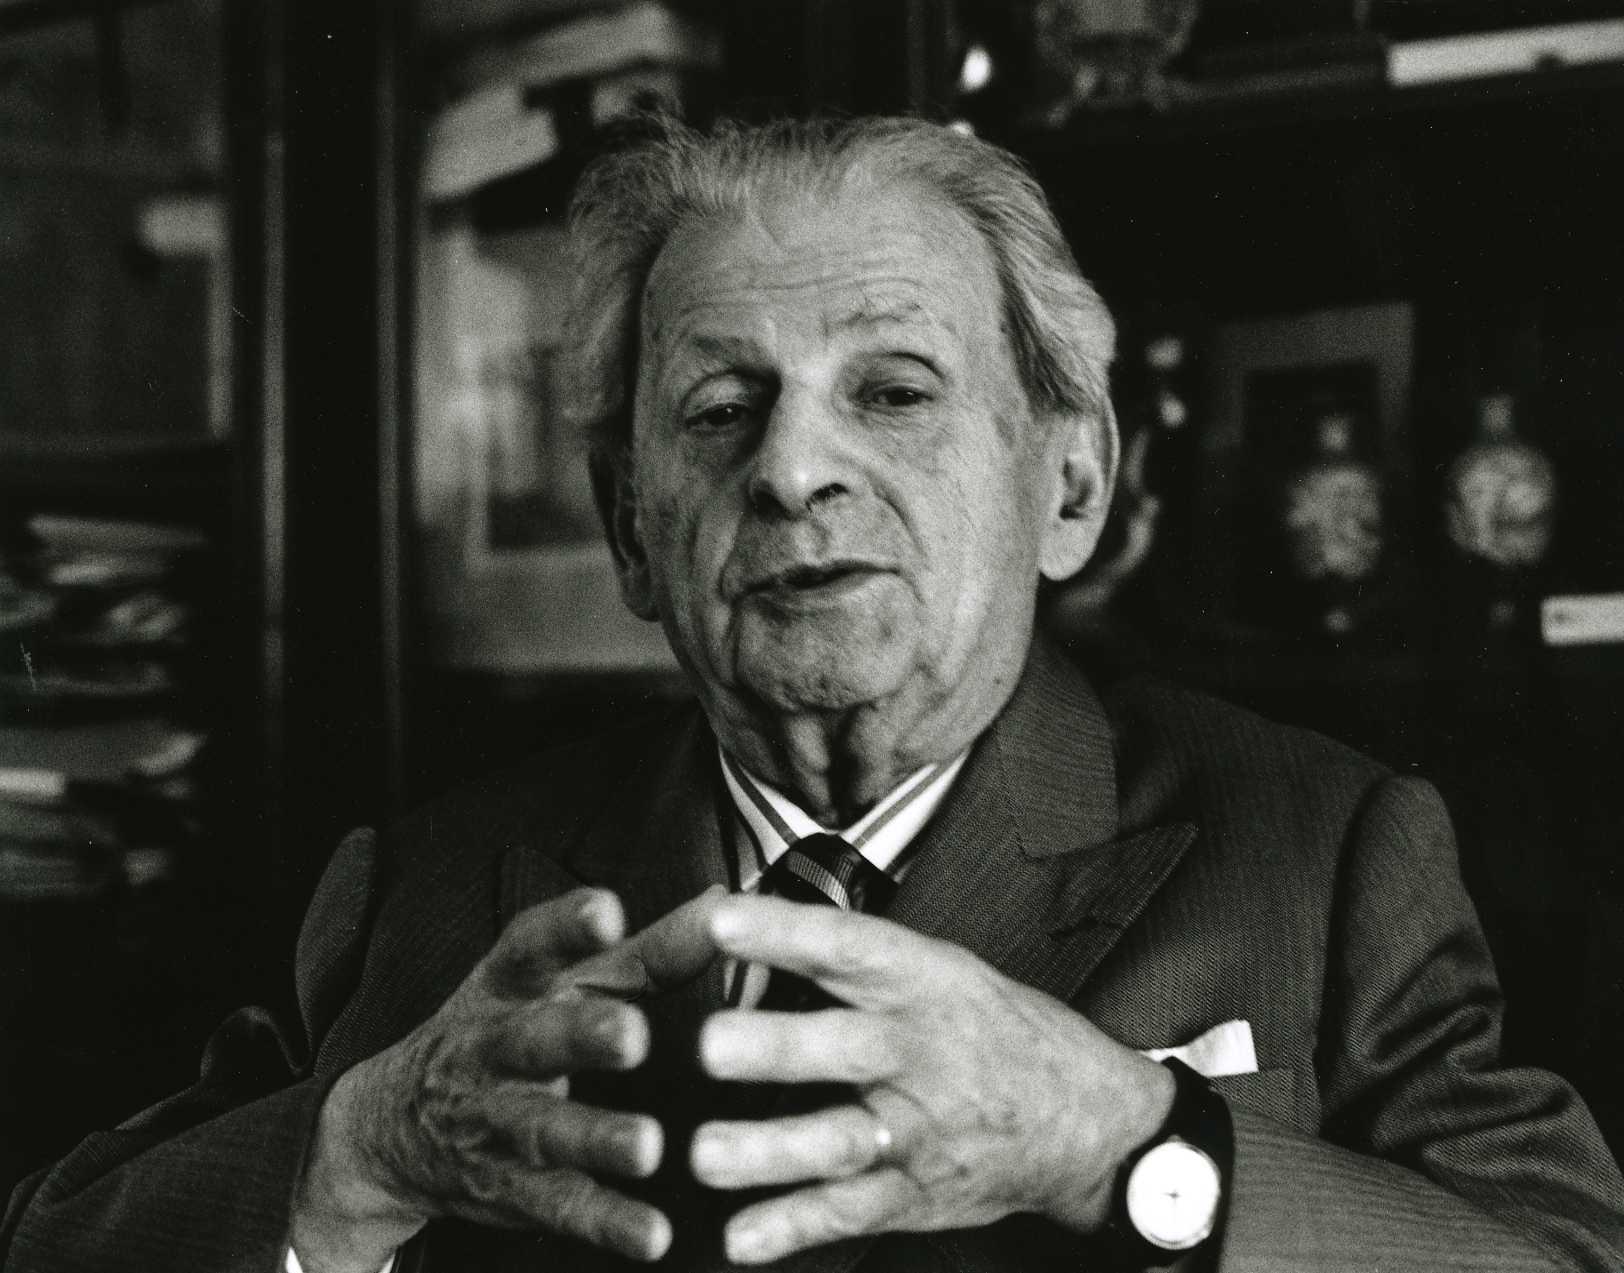 امانوئل لویناس (1906-1995)